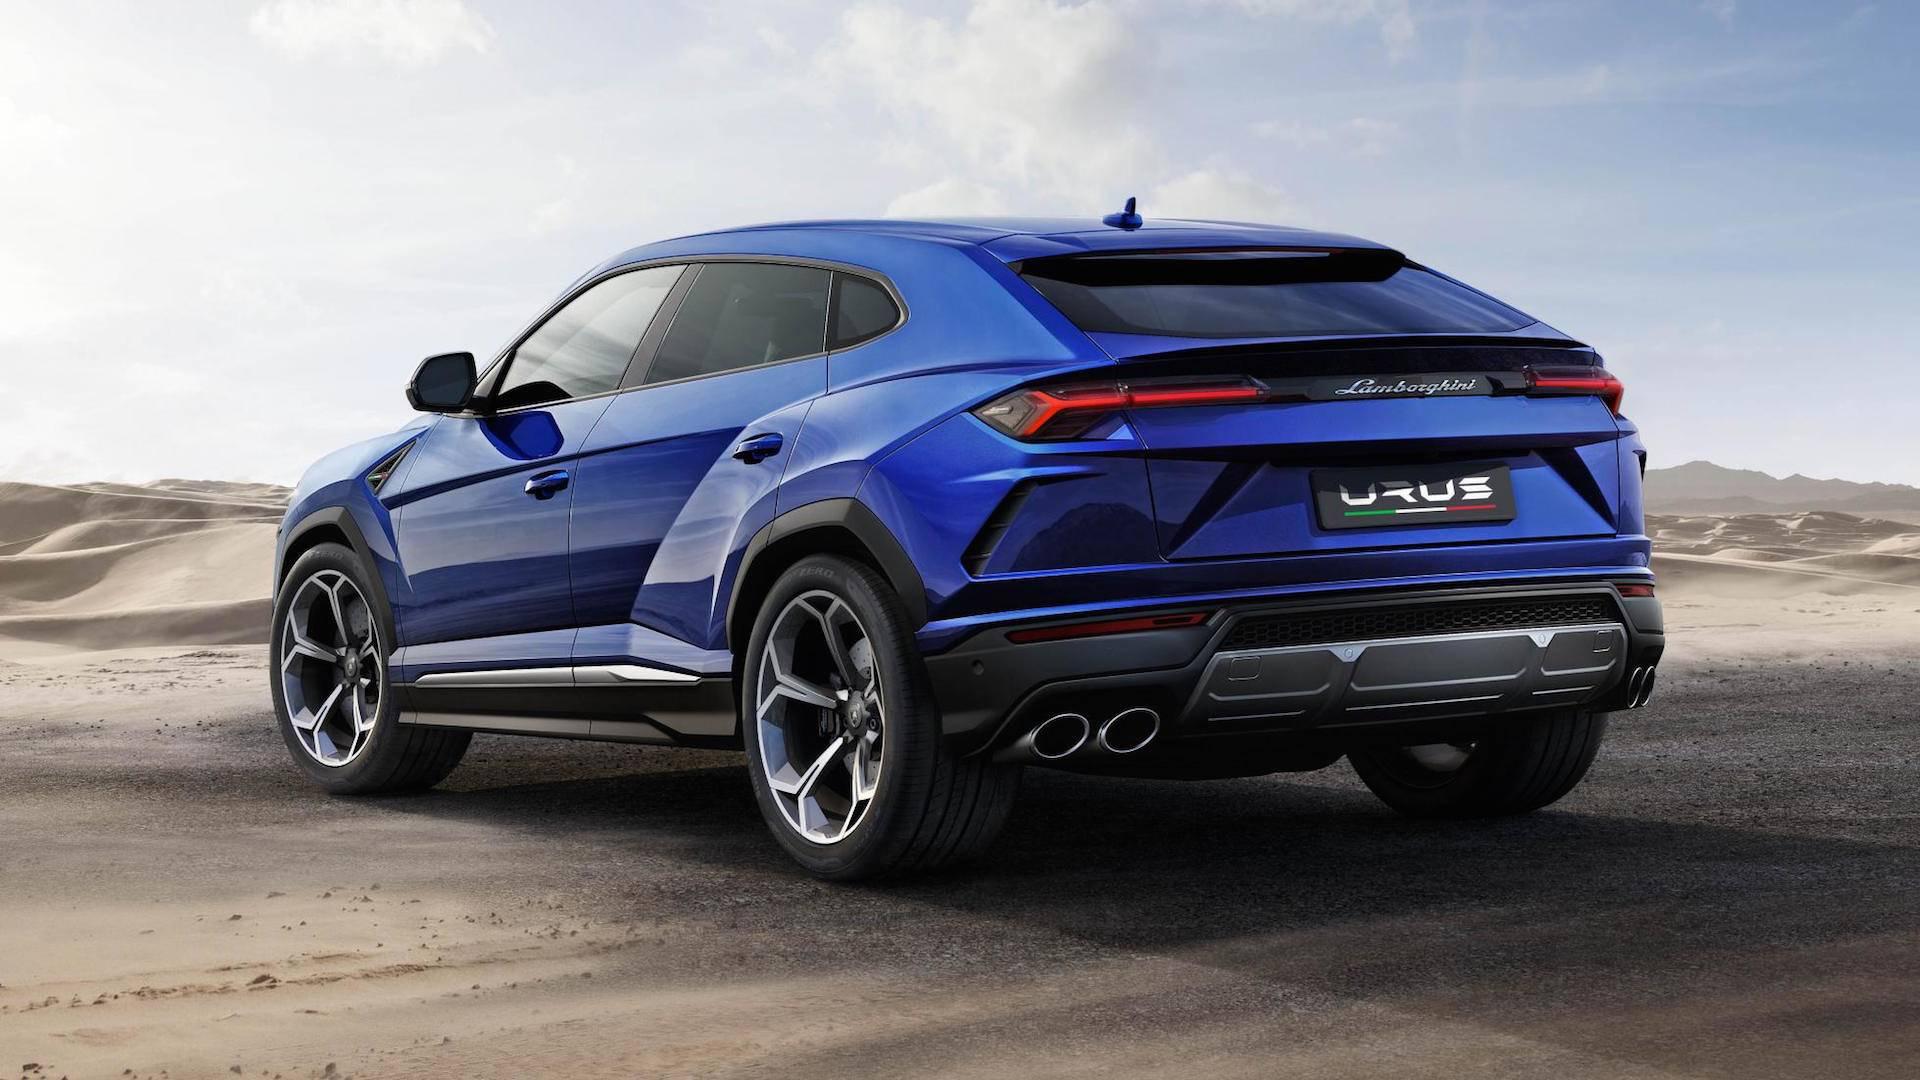 Lamborghini Urus 2018 (18)